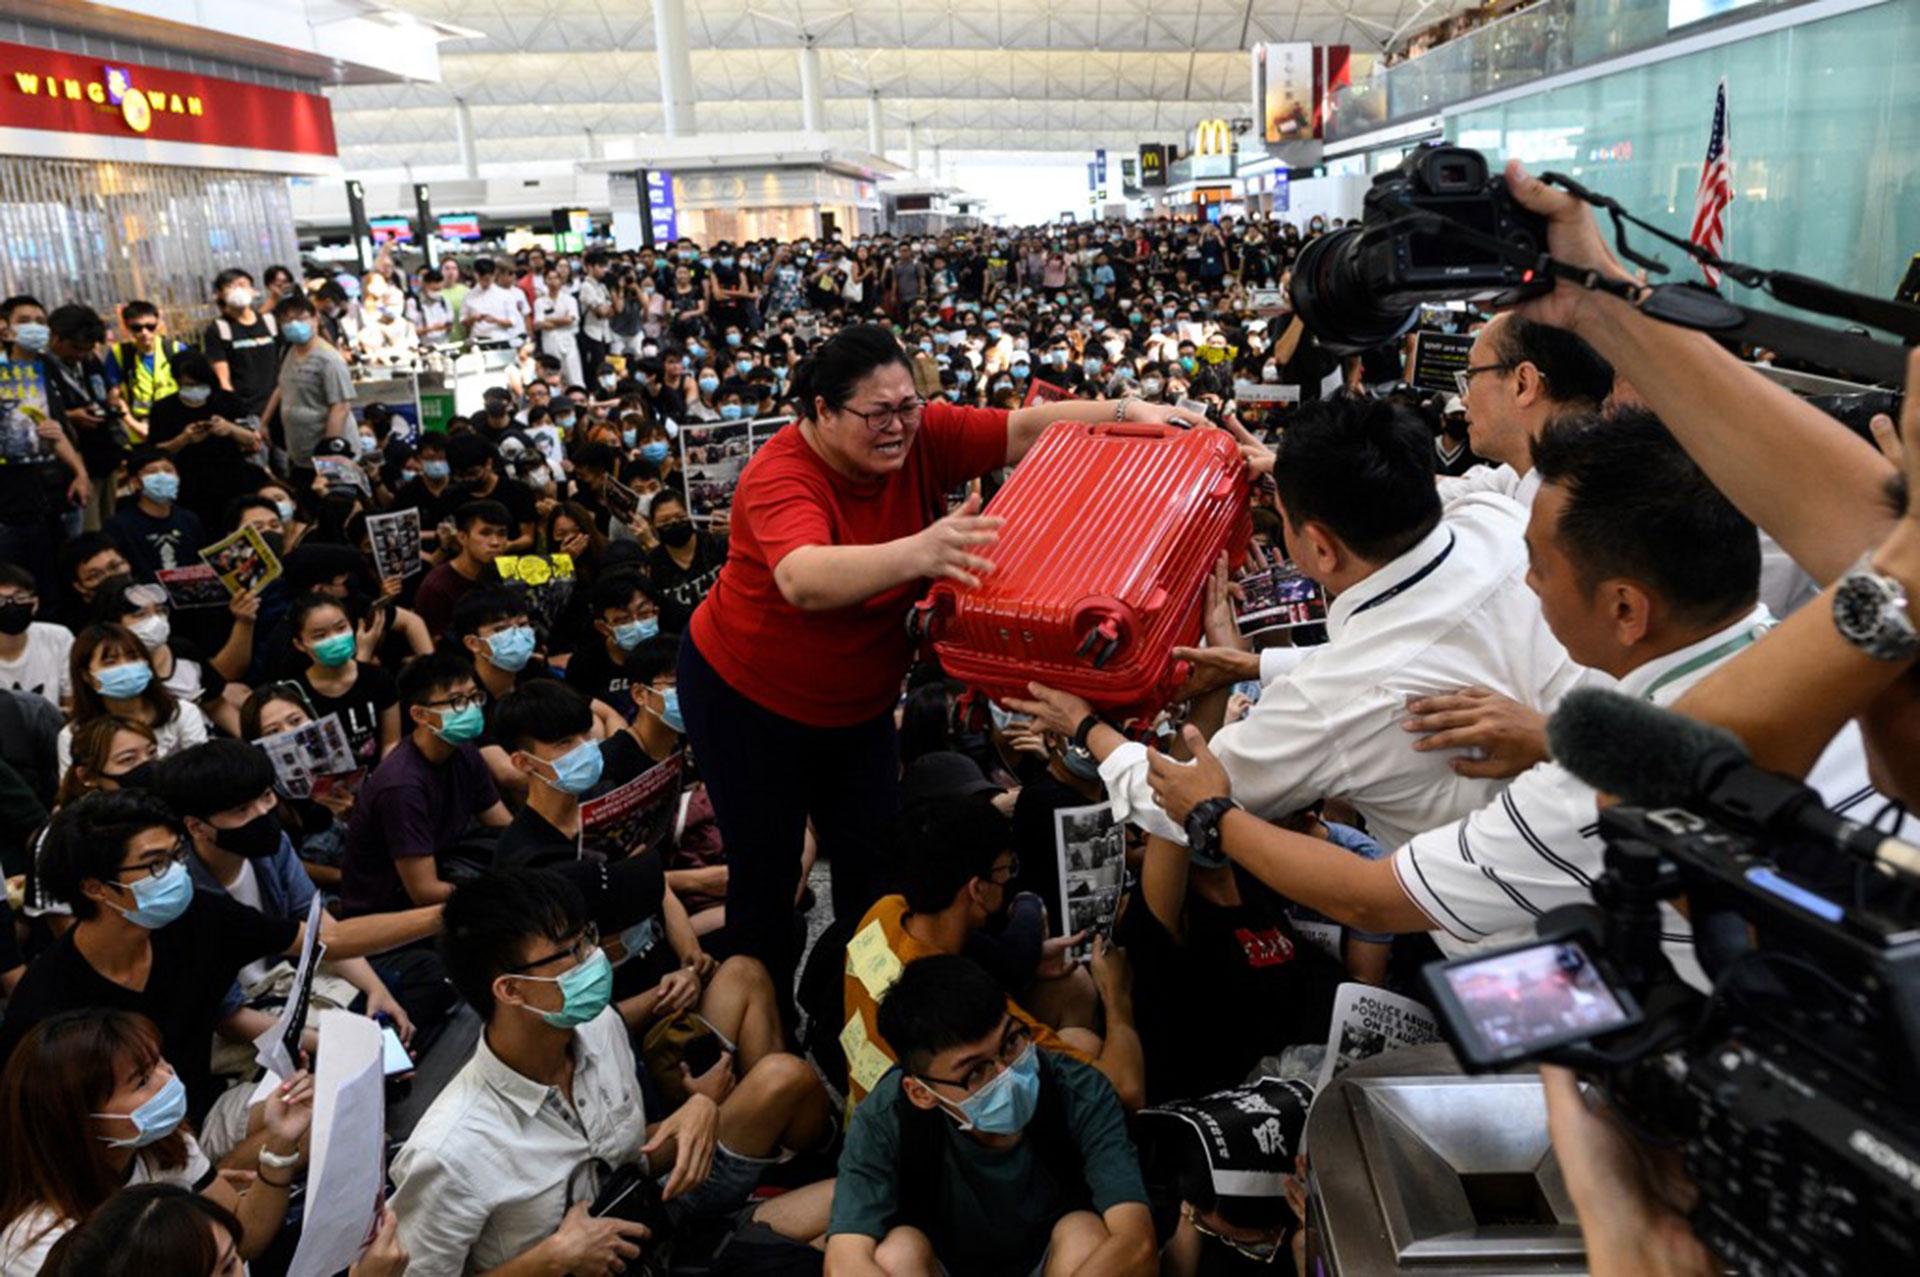 Una turista (C) entrega su equipaje a los guardias de seguridad cuando intenta entrar por la puerta de salida (Foto de Philip FONG / AFP)